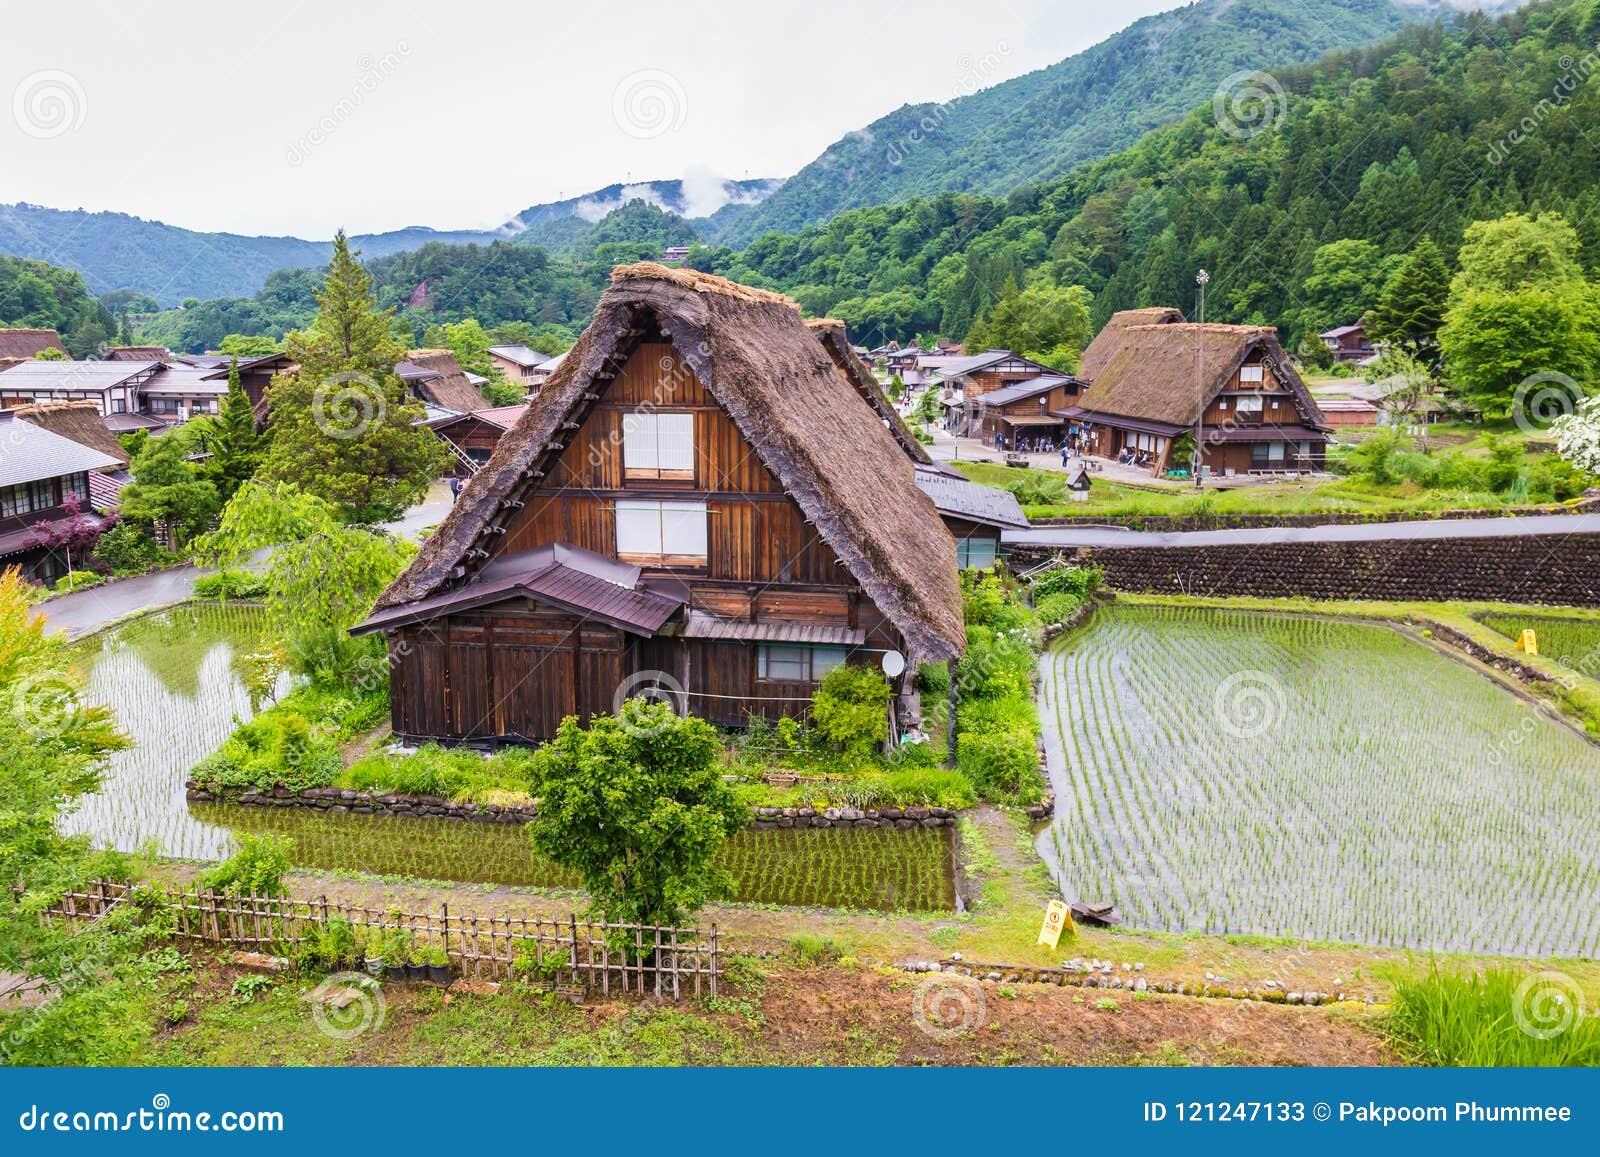 Het traditionele en Historische Japanse dorp Shirakawago in de Prefectuur Japan, Gokayama is van Gifu ingeschreven